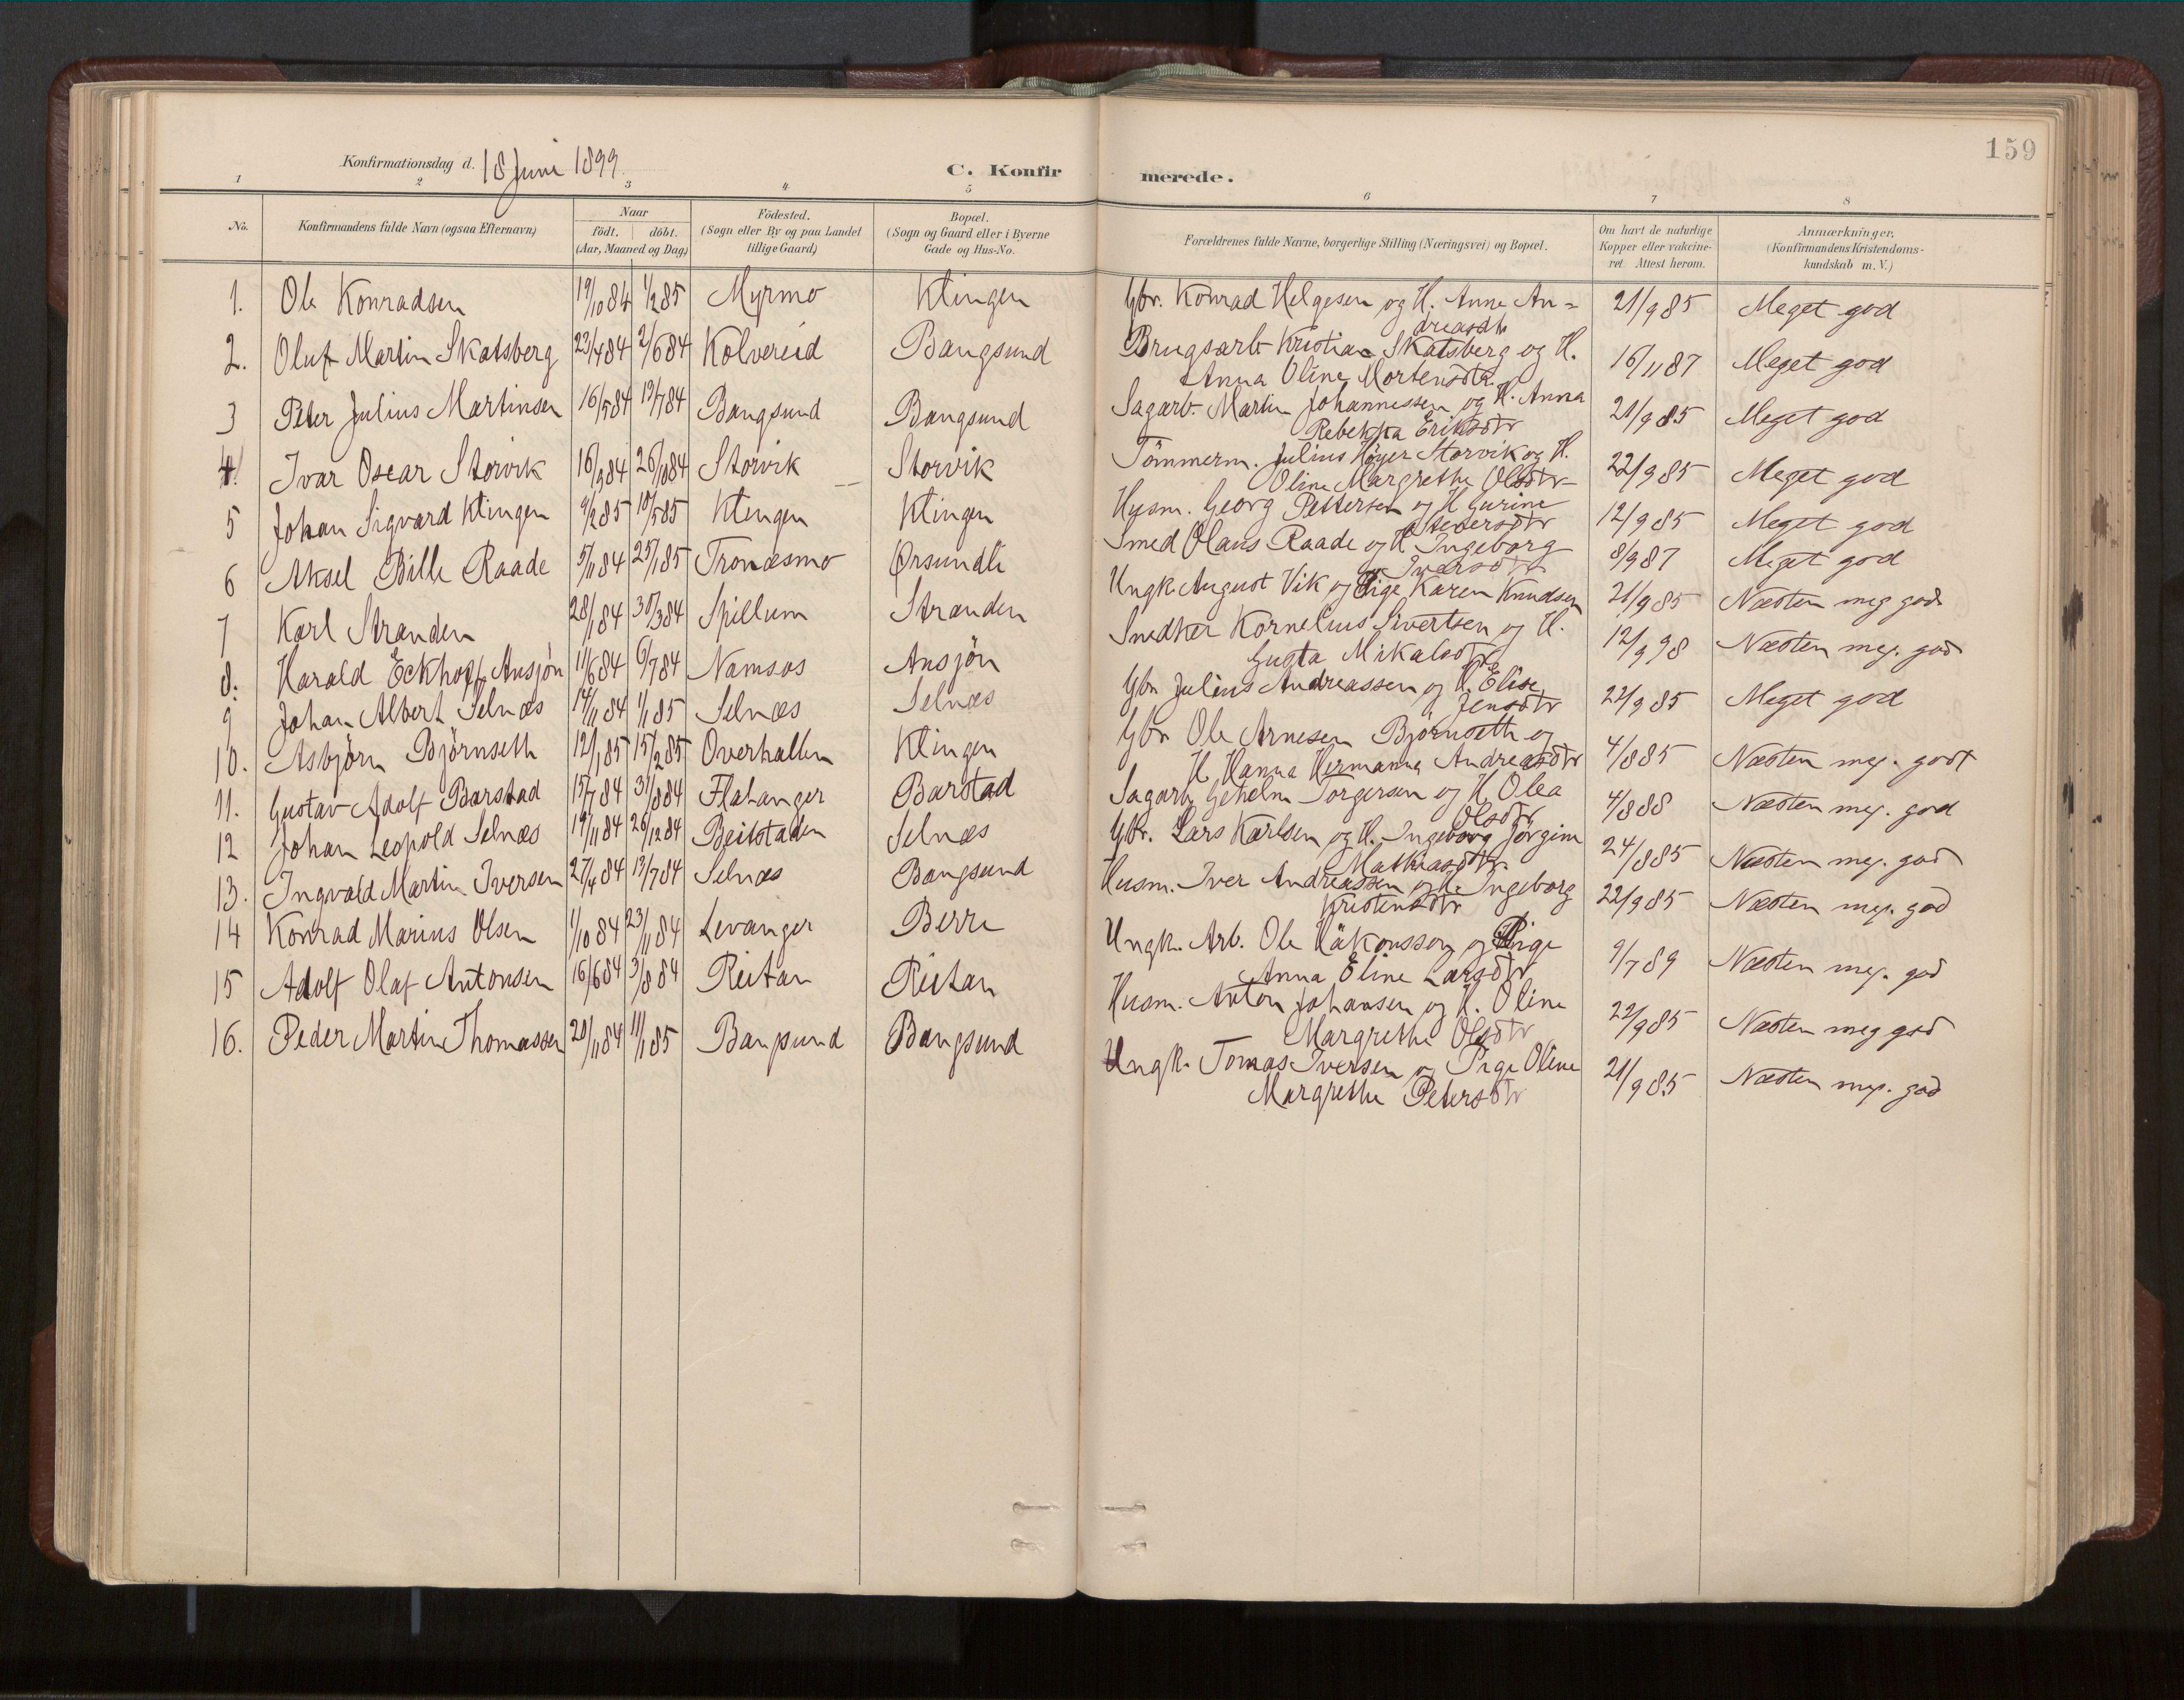 SAT, Ministerialprotokoller, klokkerbøker og fødselsregistre - Nord-Trøndelag, 770/L0589: Ministerialbok nr. 770A03, 1887-1929, s. 159